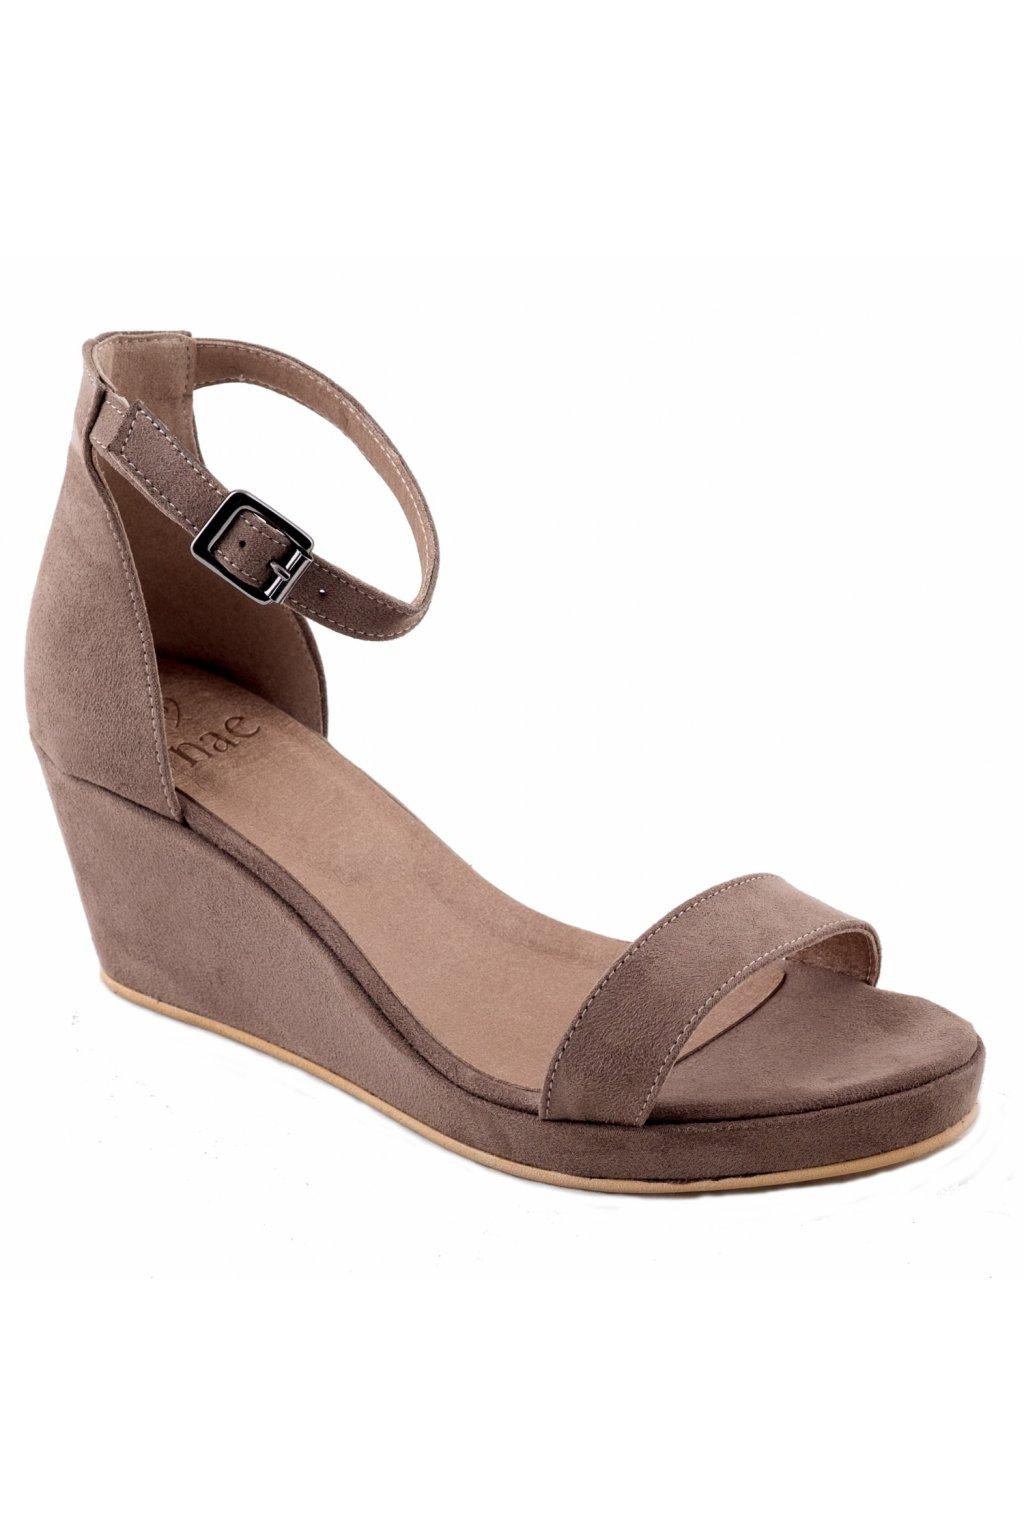 """Hnedé sandálky na celom podpätku """"Linda brown"""""""